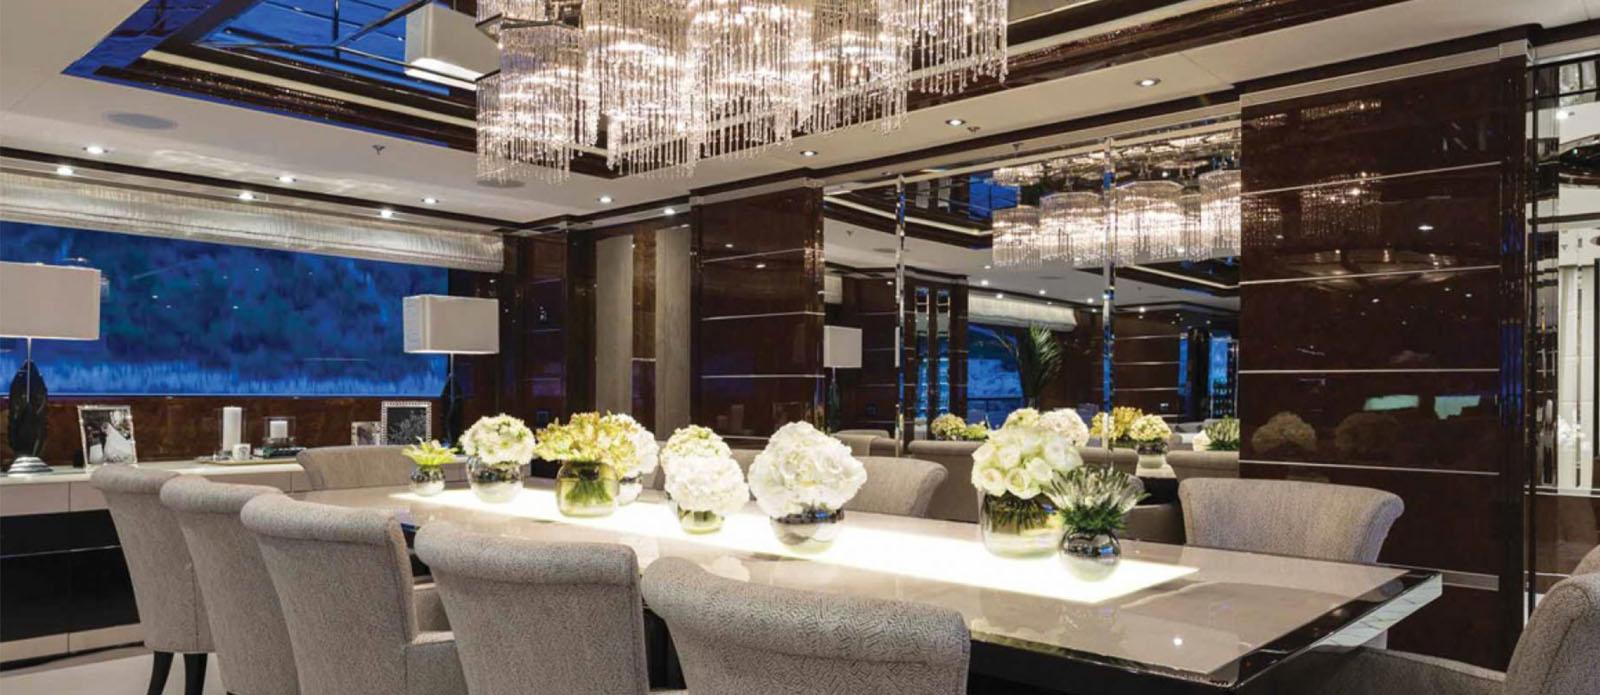 11:11 - Interior Dining